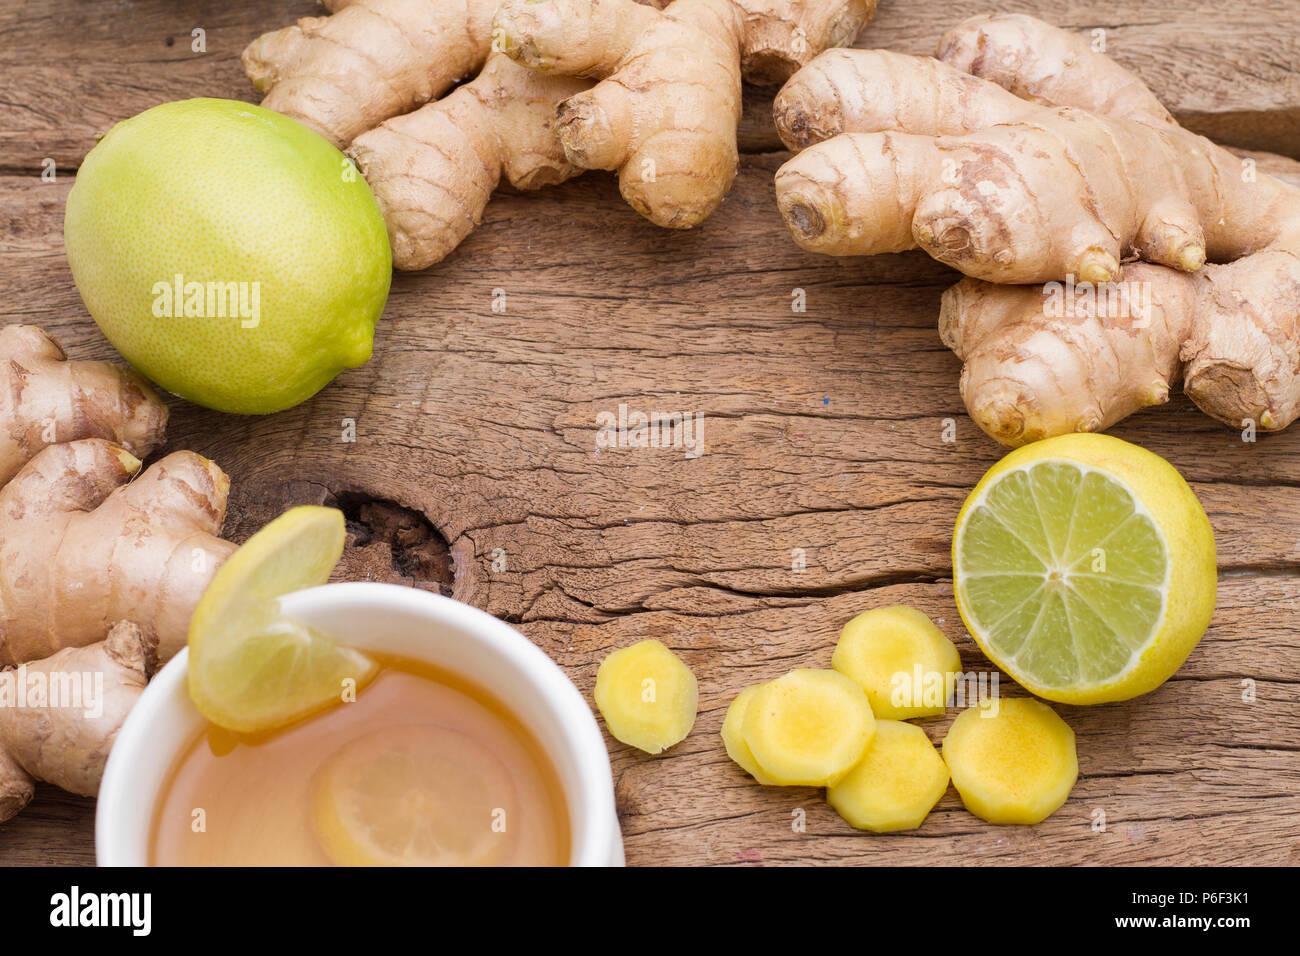 Lo zenzero e il limone sul tavolo visto da sopra Immagini Stock